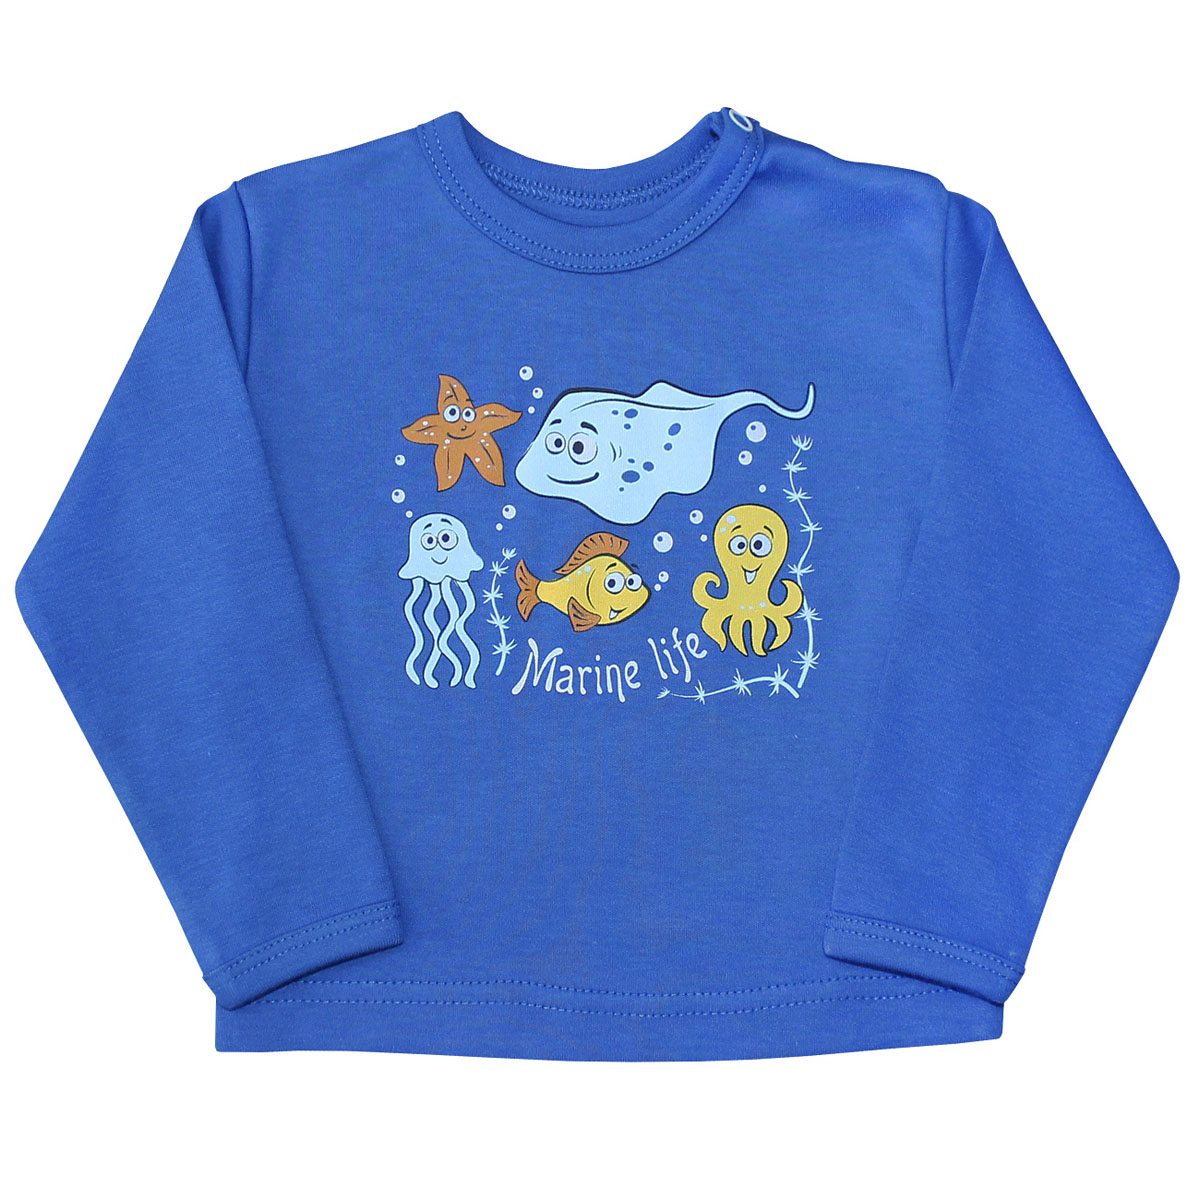 Лонгслив для мальчика Веселый малыш Морская жизнь, цвет: синий. 66322/мж-D (1). Размер 7466322Лонгслив для мальчика Веселый малыш Морская жизнь выполнен из качественного материала. Модель с круглым вырезом горловины и длинными рукавами.